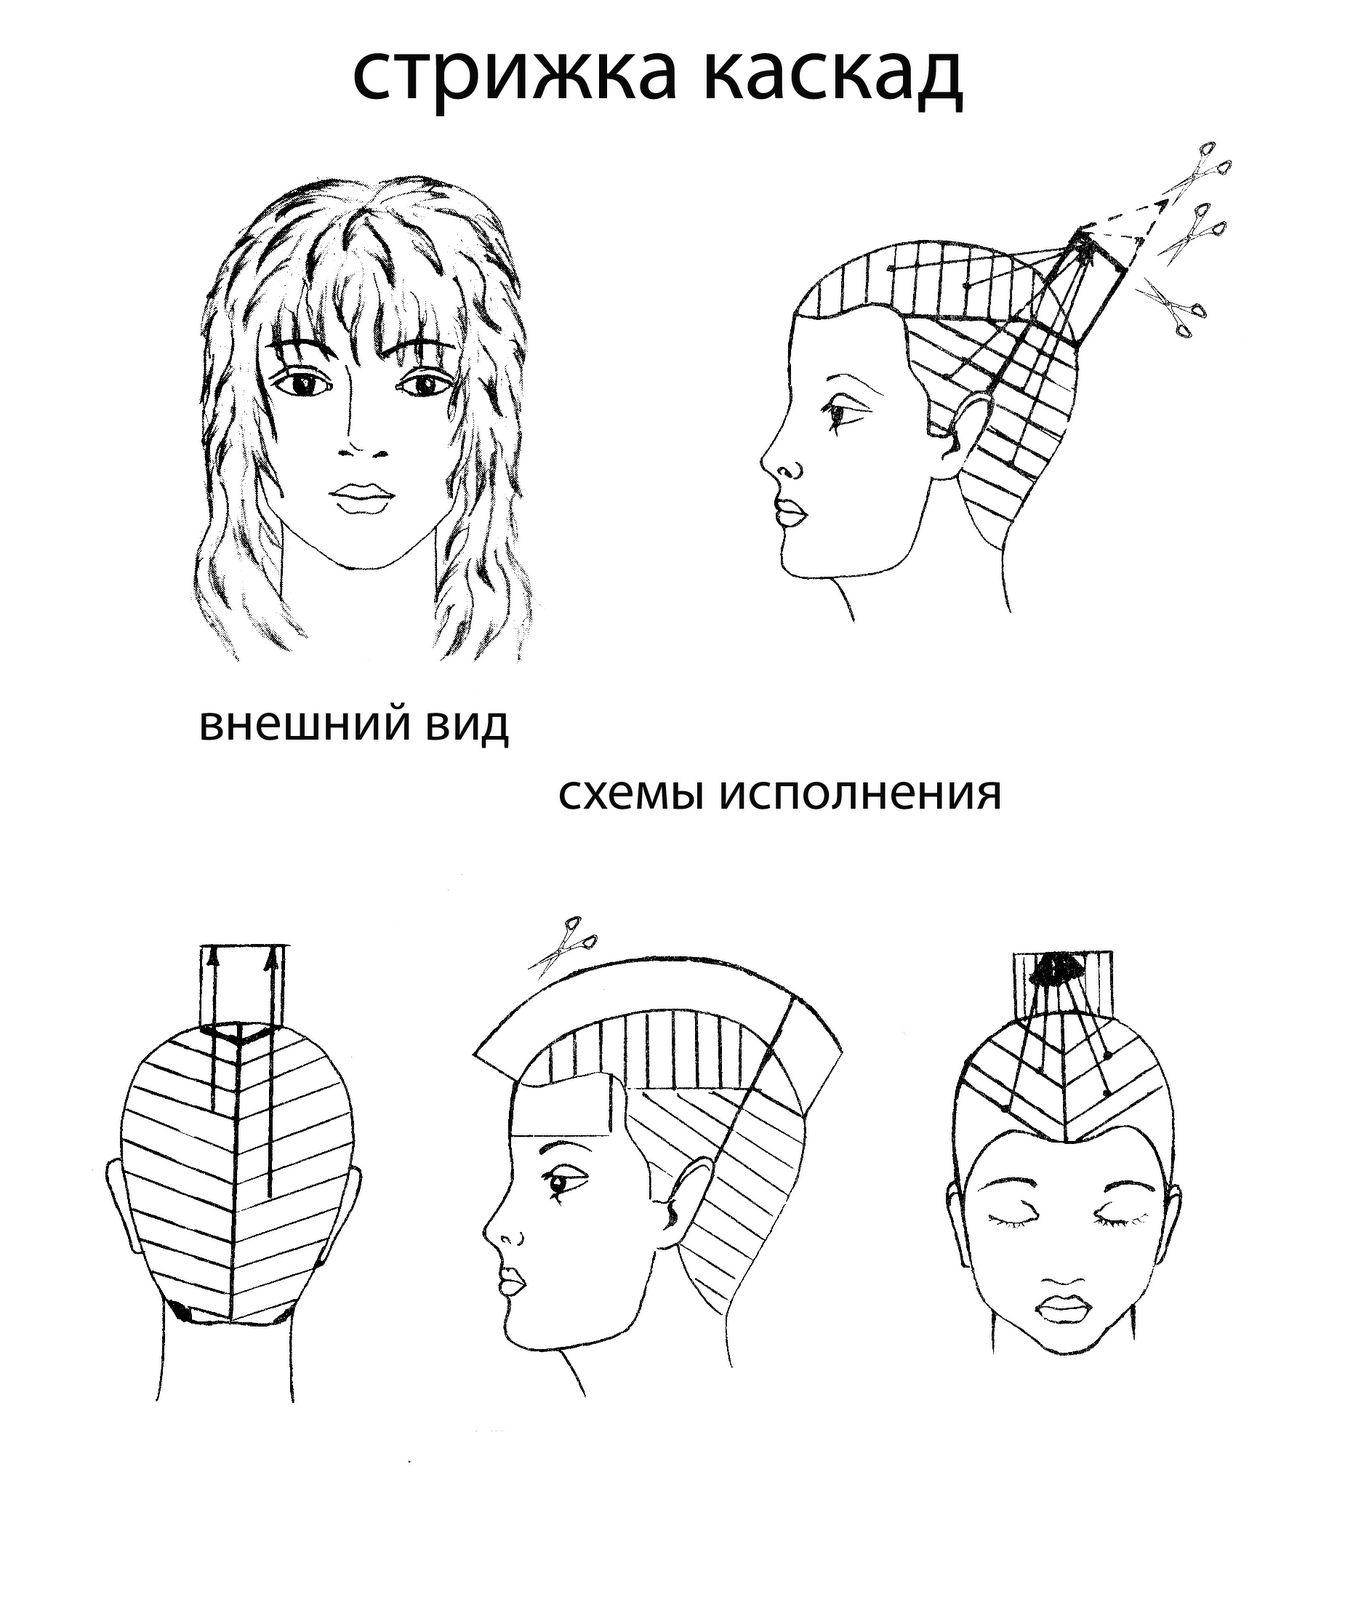 Техника стрижки каскад на короткие волосы